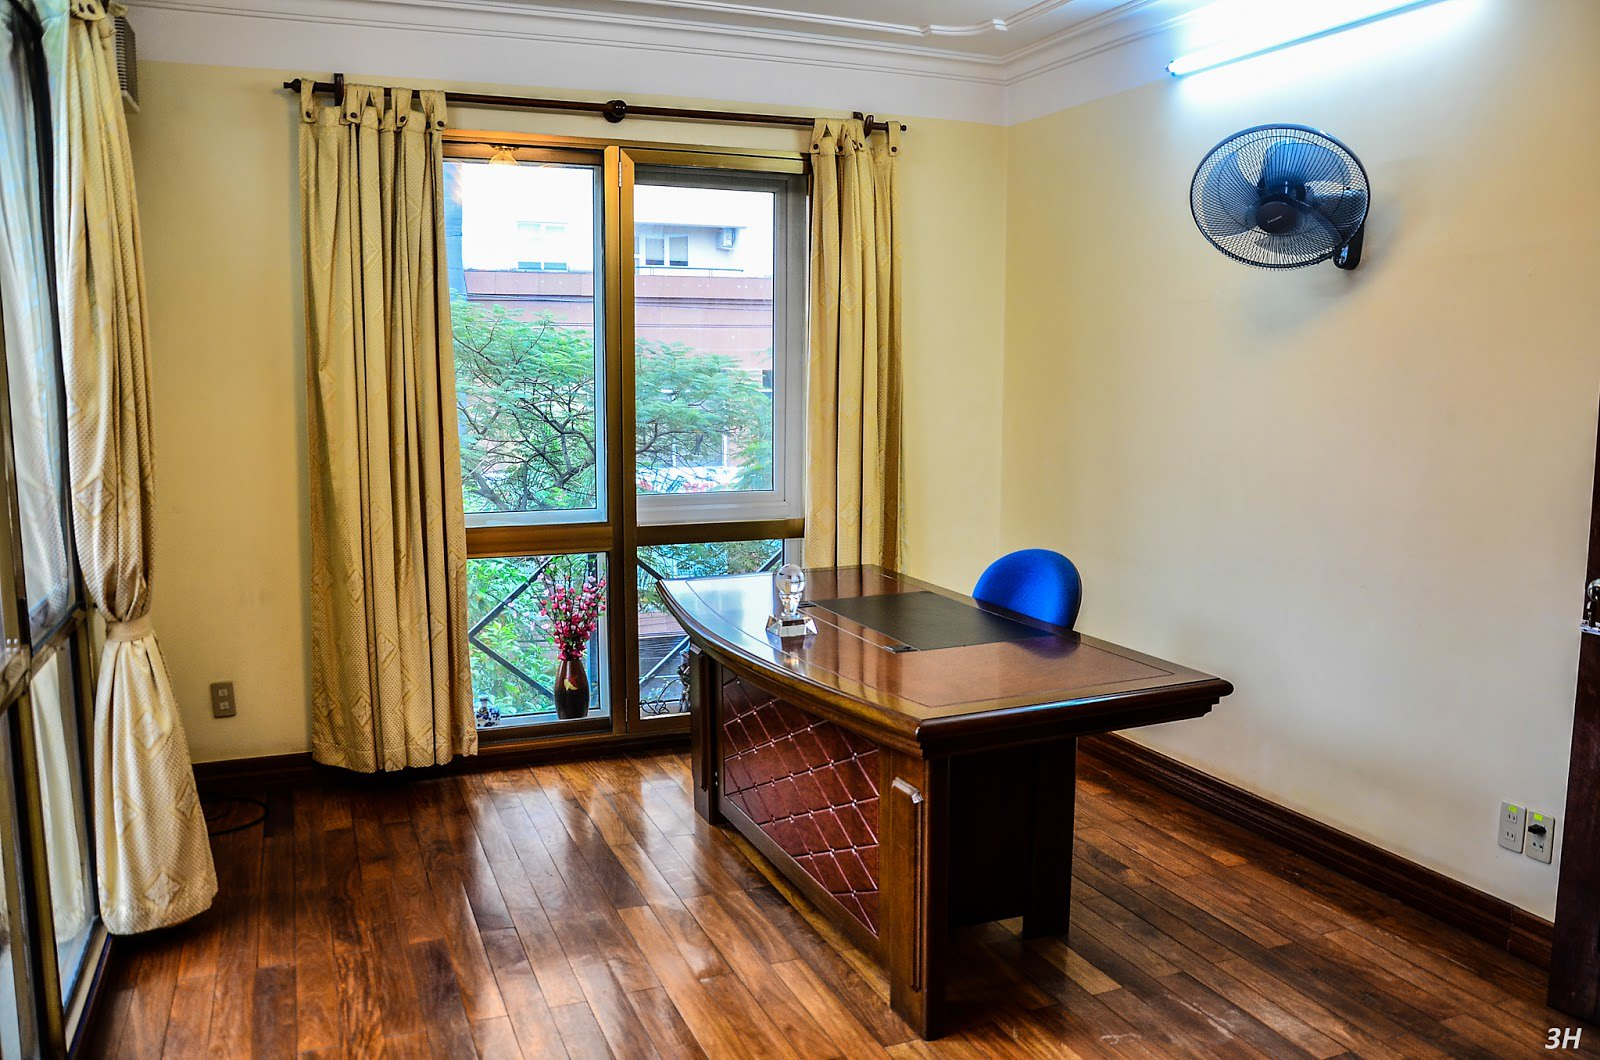 """Khách sạn Hải Phòng - Phòng làm việc Tân Long Văn Cao Garden Serviced Apartment & Hottel  <img src=""""images/"""" width="""""""" height="""""""" alt=""""Công ty Bất Động Sản Tanlong Land"""">"""